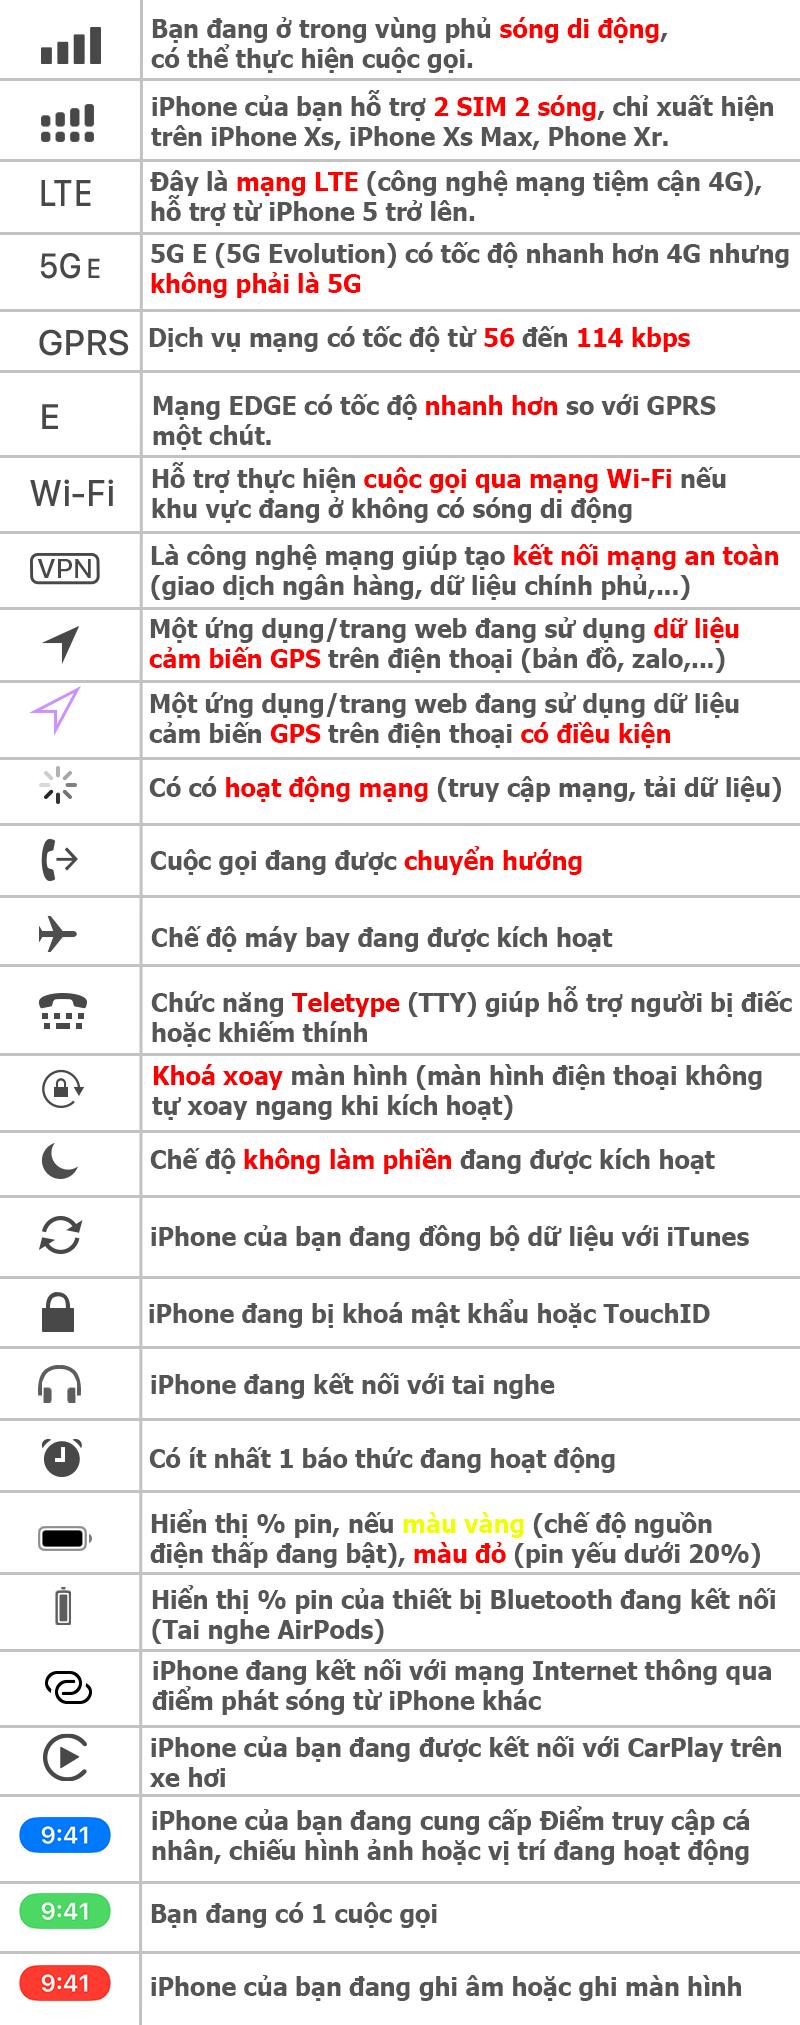 Tìm hiểu các biểu tượng, ký tự lạ trên iPhone: Có thể bạn chưa biết! - ảnh 2